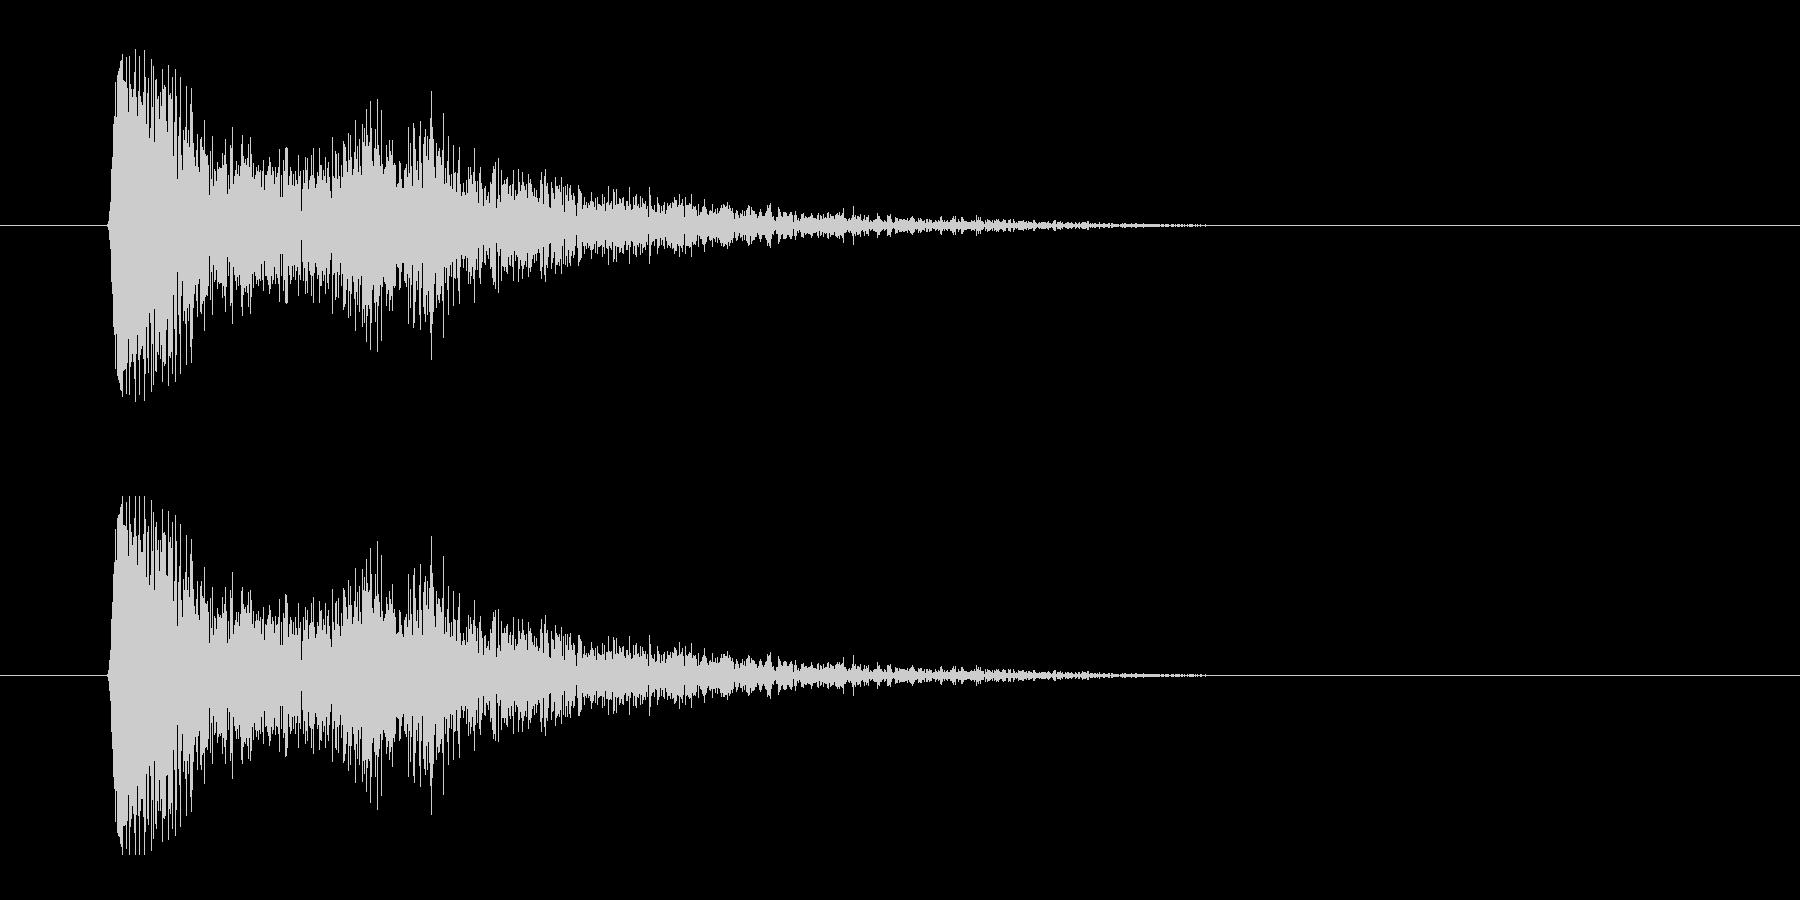 レーザー音-02-3の未再生の波形